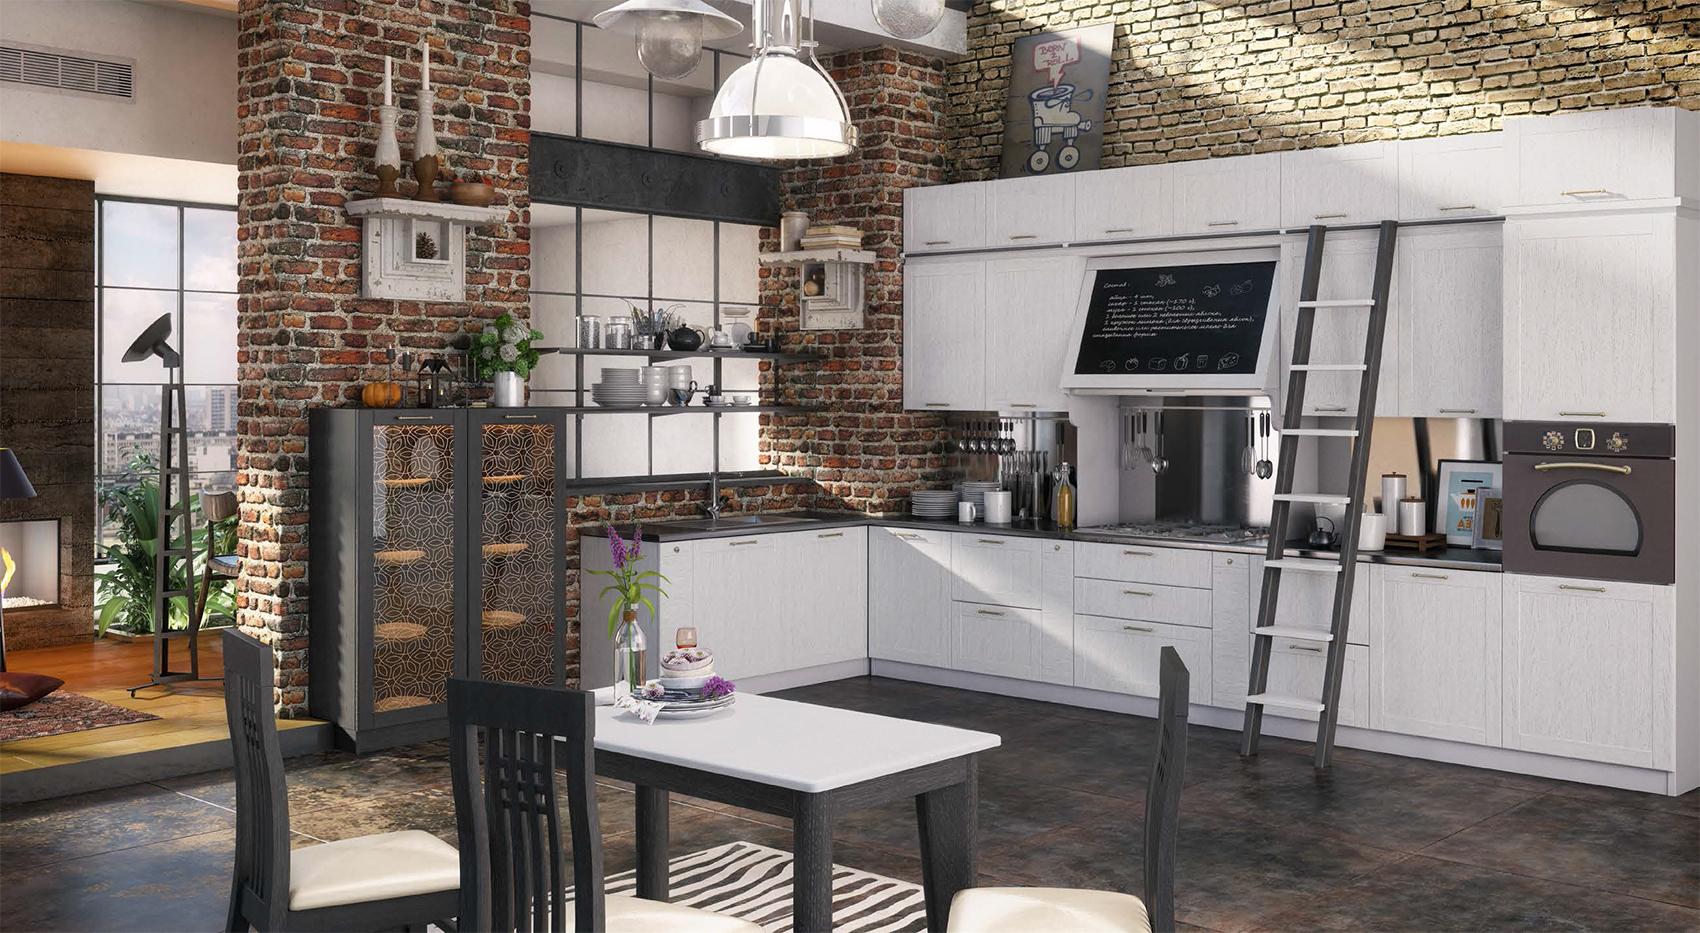 moderne landhausküche einbauküche öko küchenzeile küchenblock